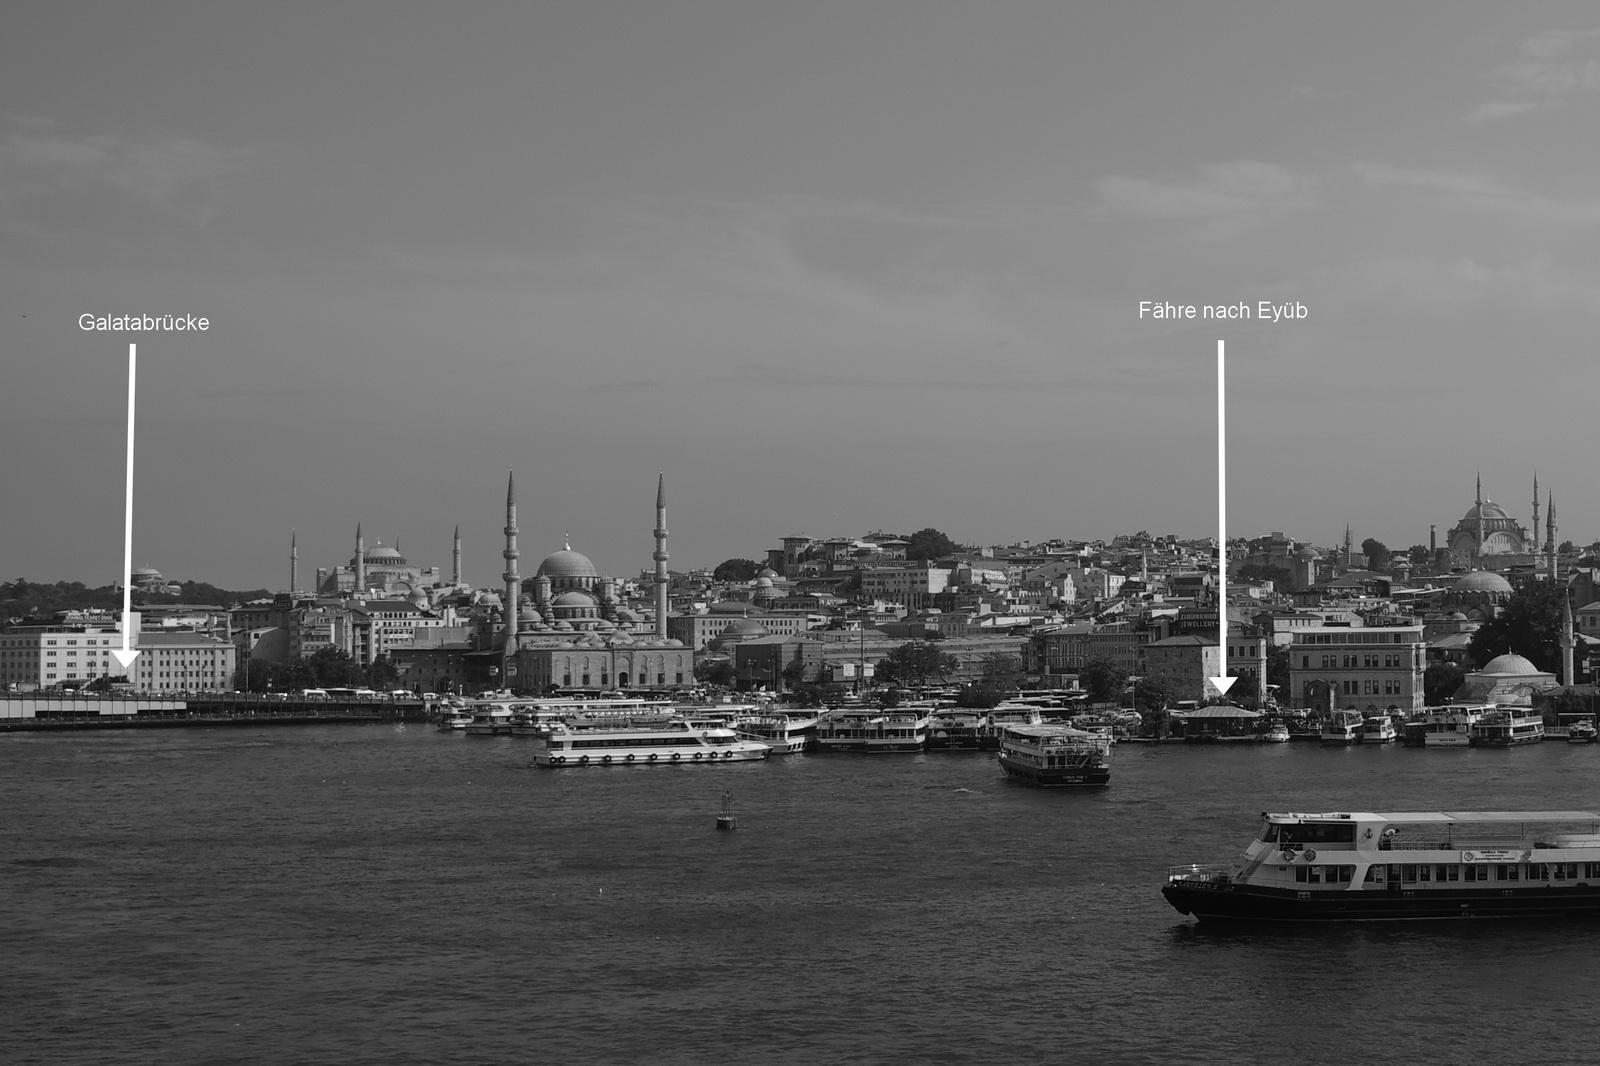 Der Fähranleger nach Eyüp bfindet sich etwas versteckt im hinteren Teil des Hafens. Zur Orientierung, das Bild wurde von der Schnellbahnbrücke aus aufgenommen